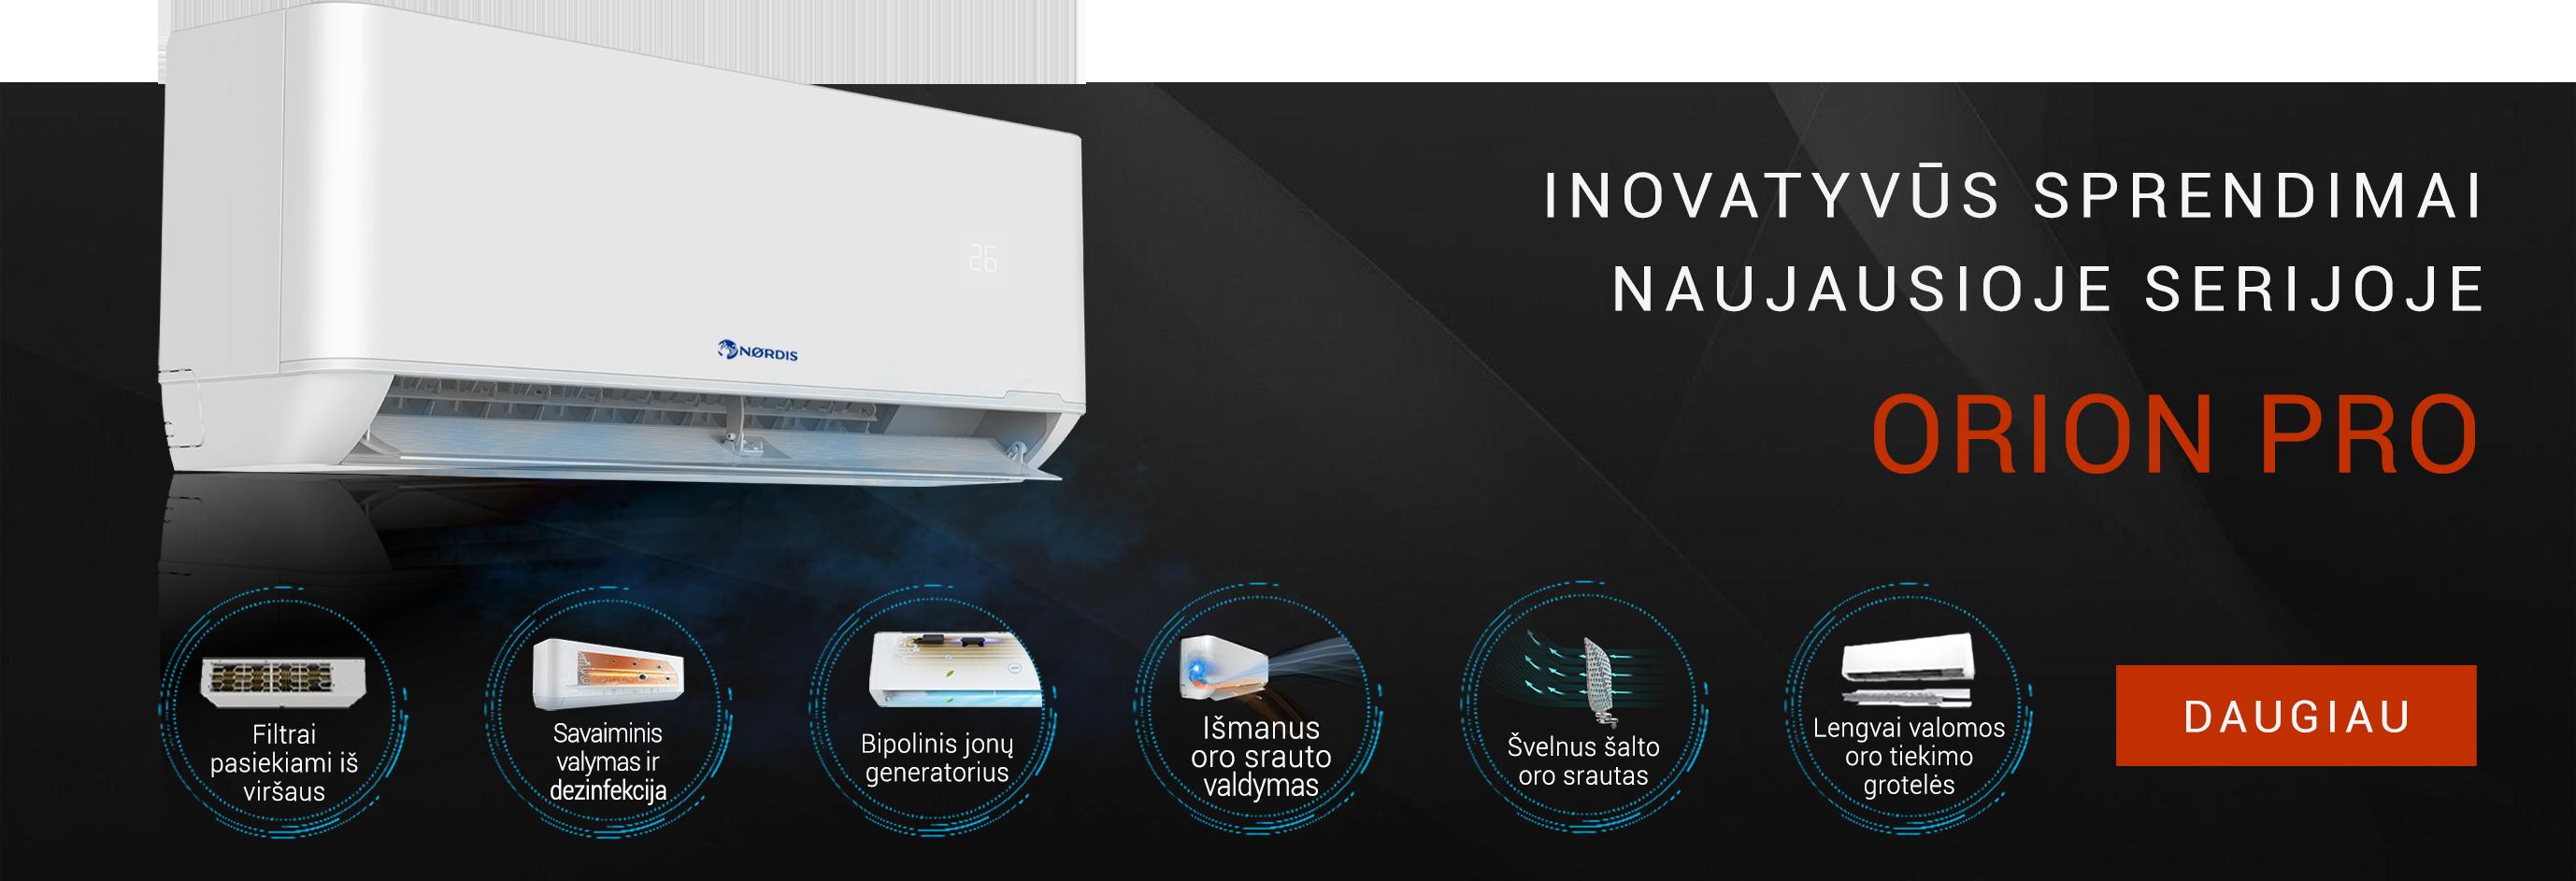 Naujausia oro kondicionierių serija NORDIS Orion Pro